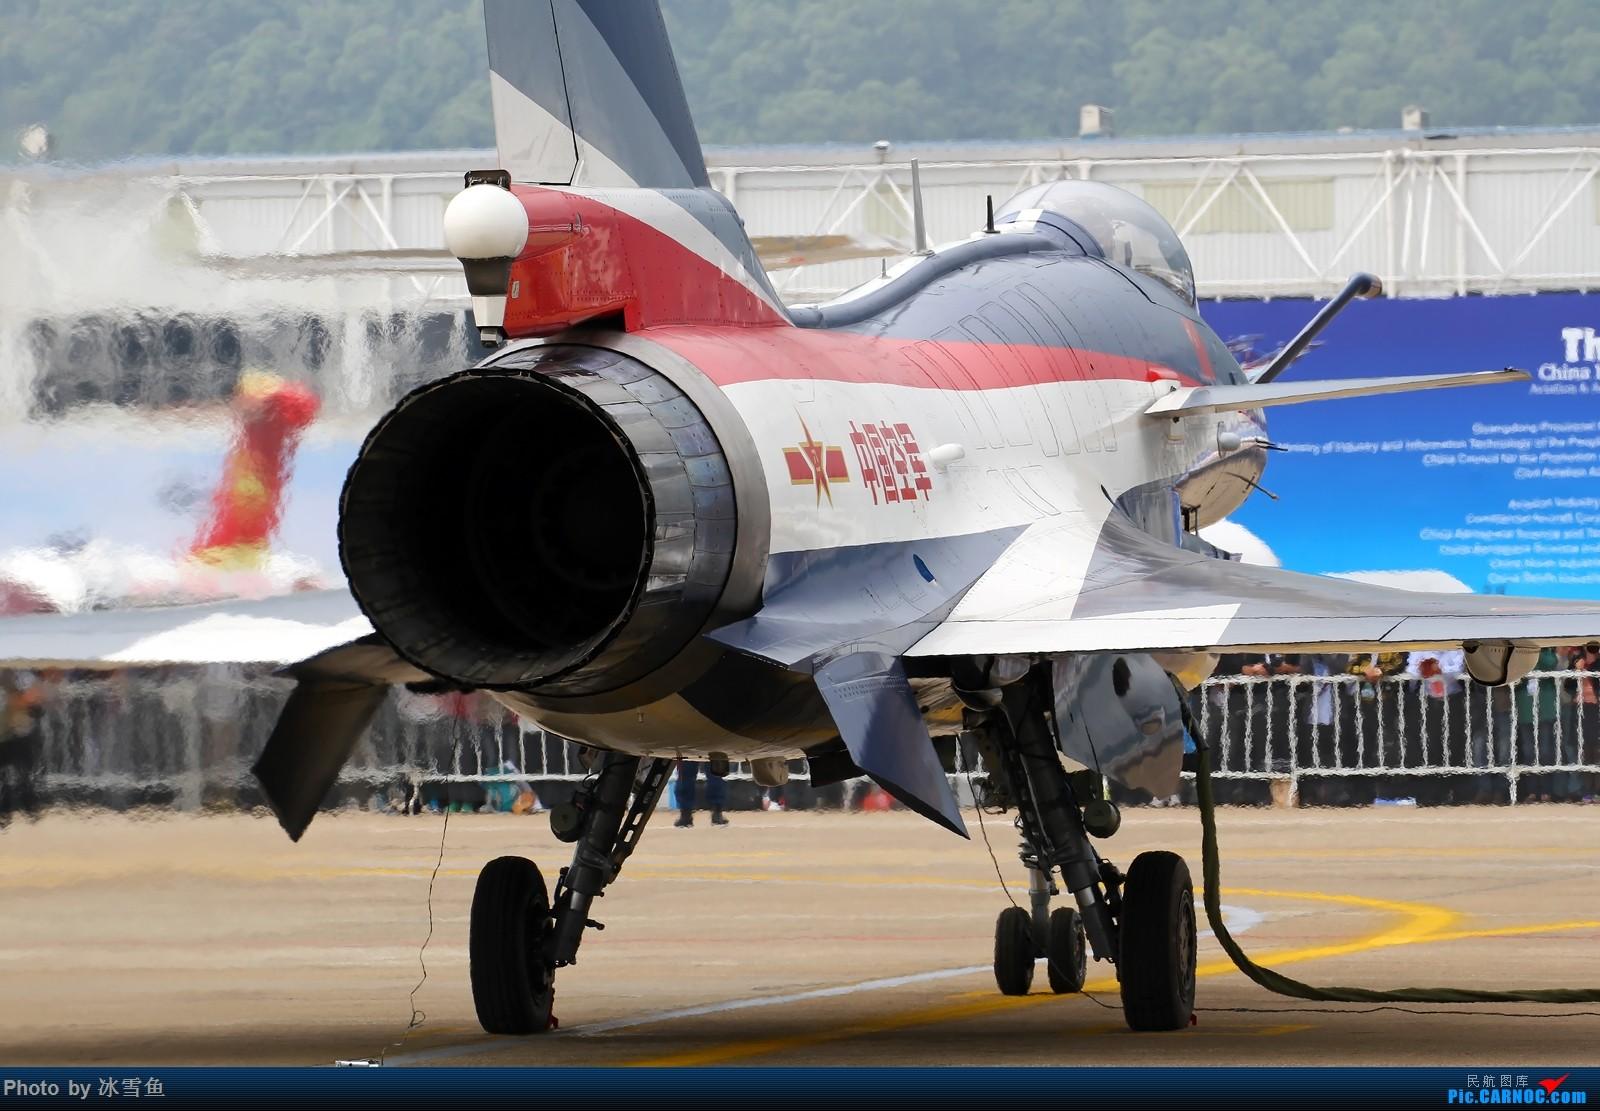 [原创][BLDDQ-昆明飞友会]站在歼-10的后面 歼-10 06 中国珠海金湾机场